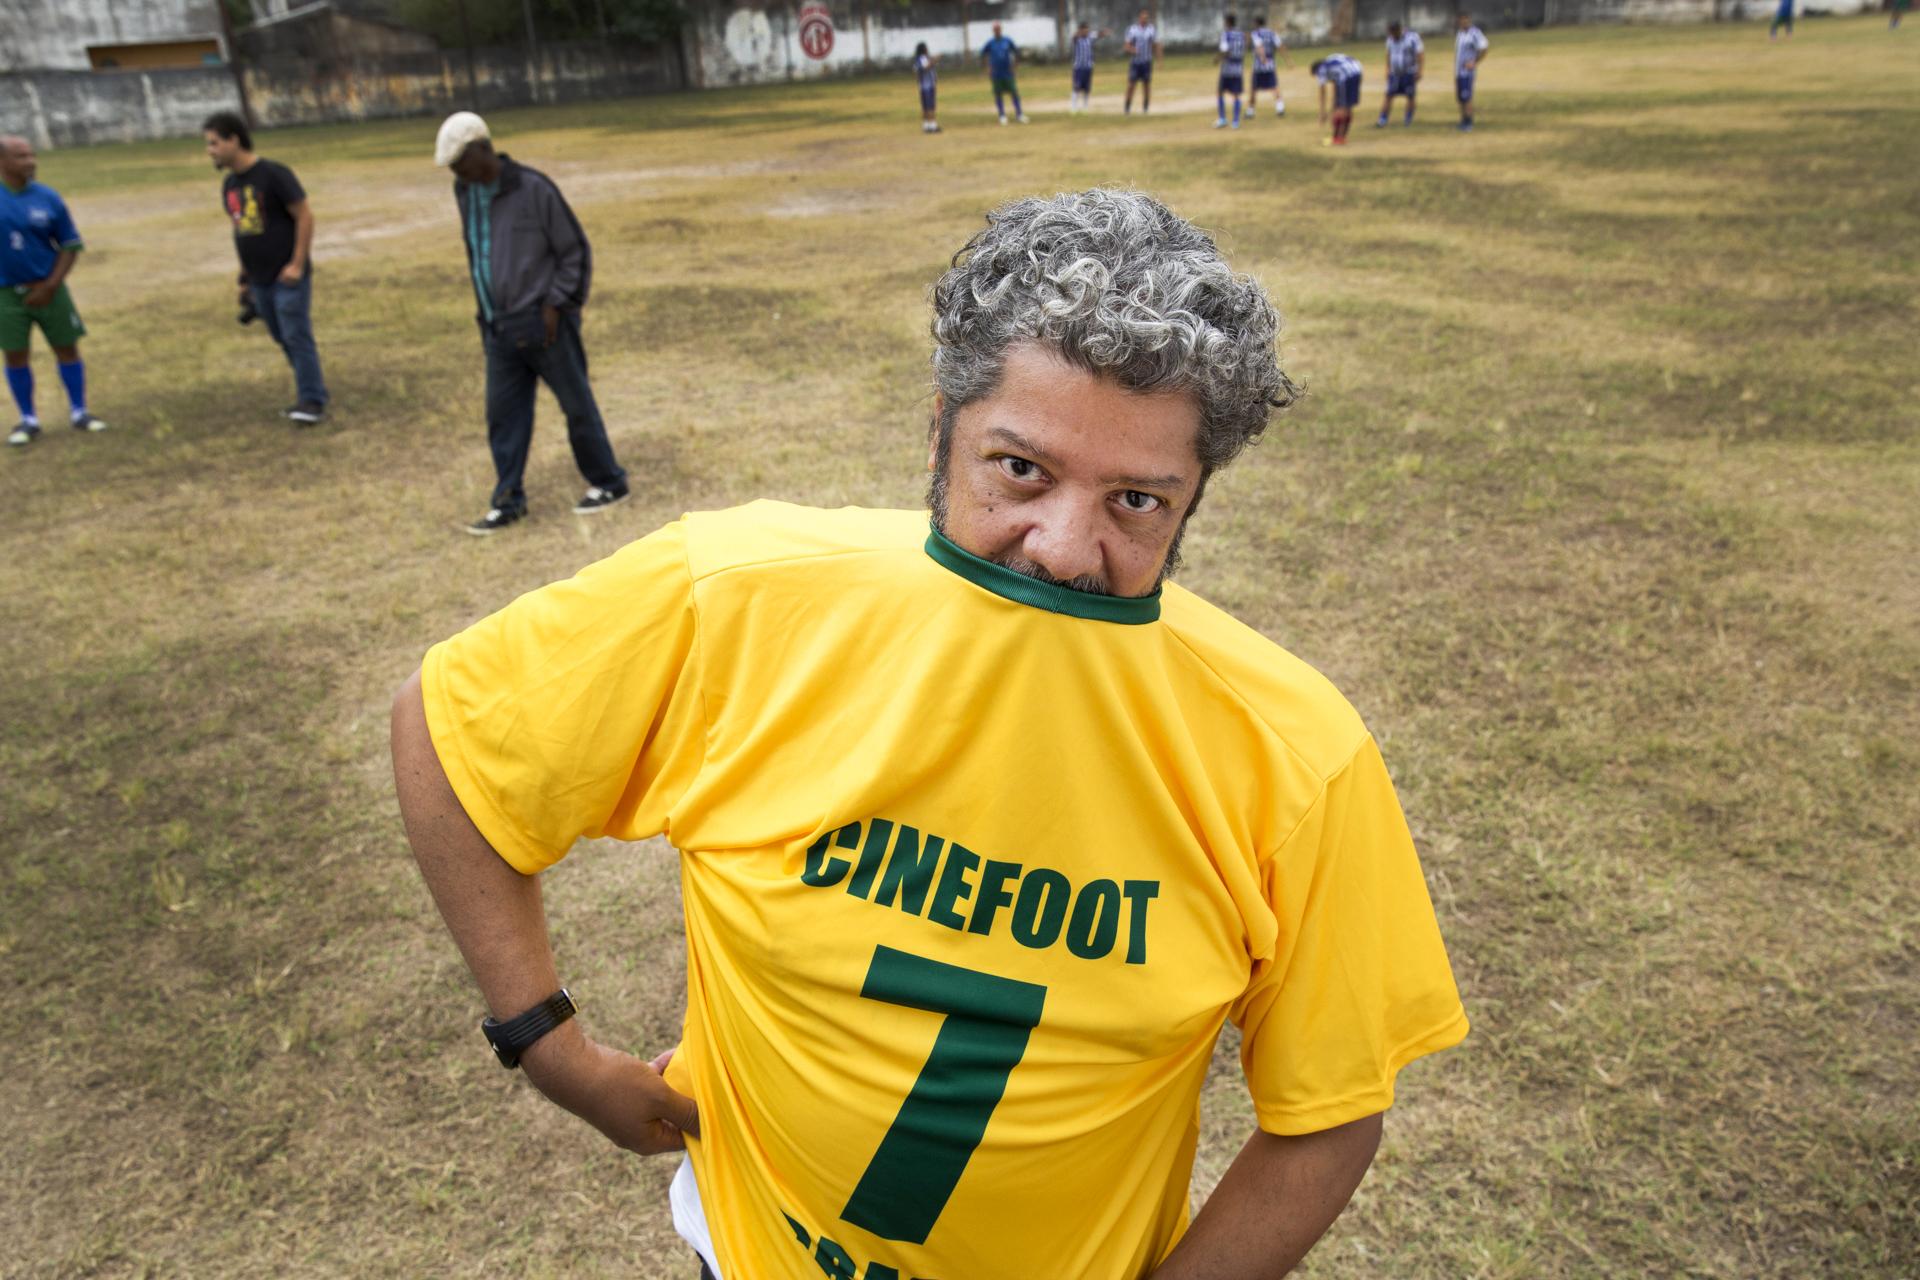 Antonio Leal veste a camisa da sétima edição do CINEfoot